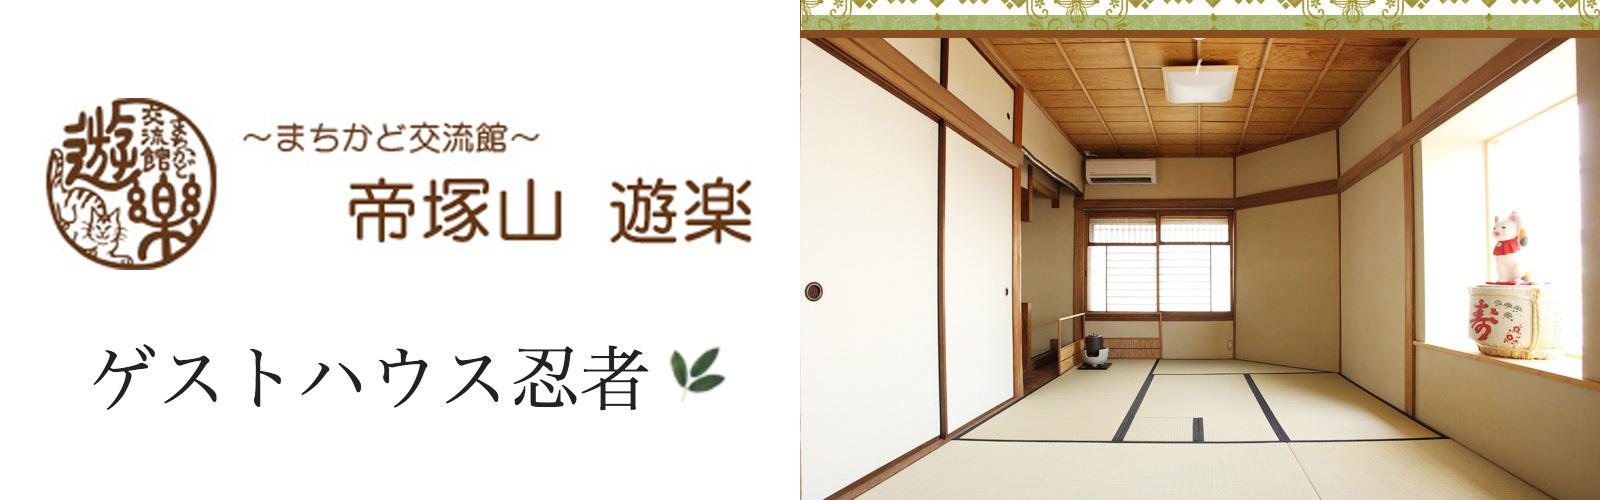 ゲストハウス忍者(大阪・帝塚山)